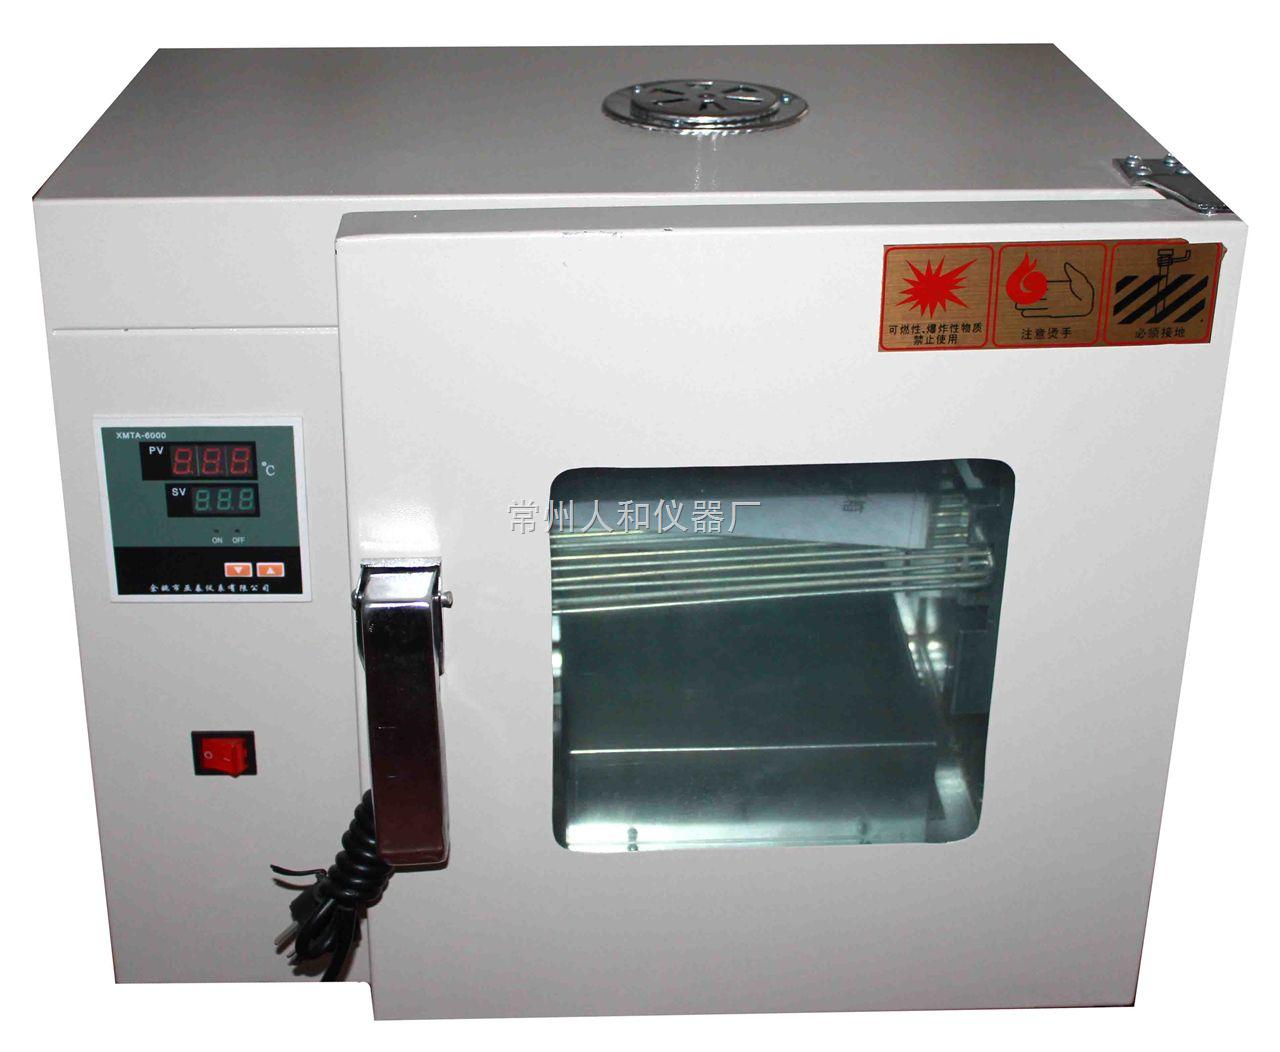 电热鼓风干燥箱gzx-9140mbe-常州人和仪器厂